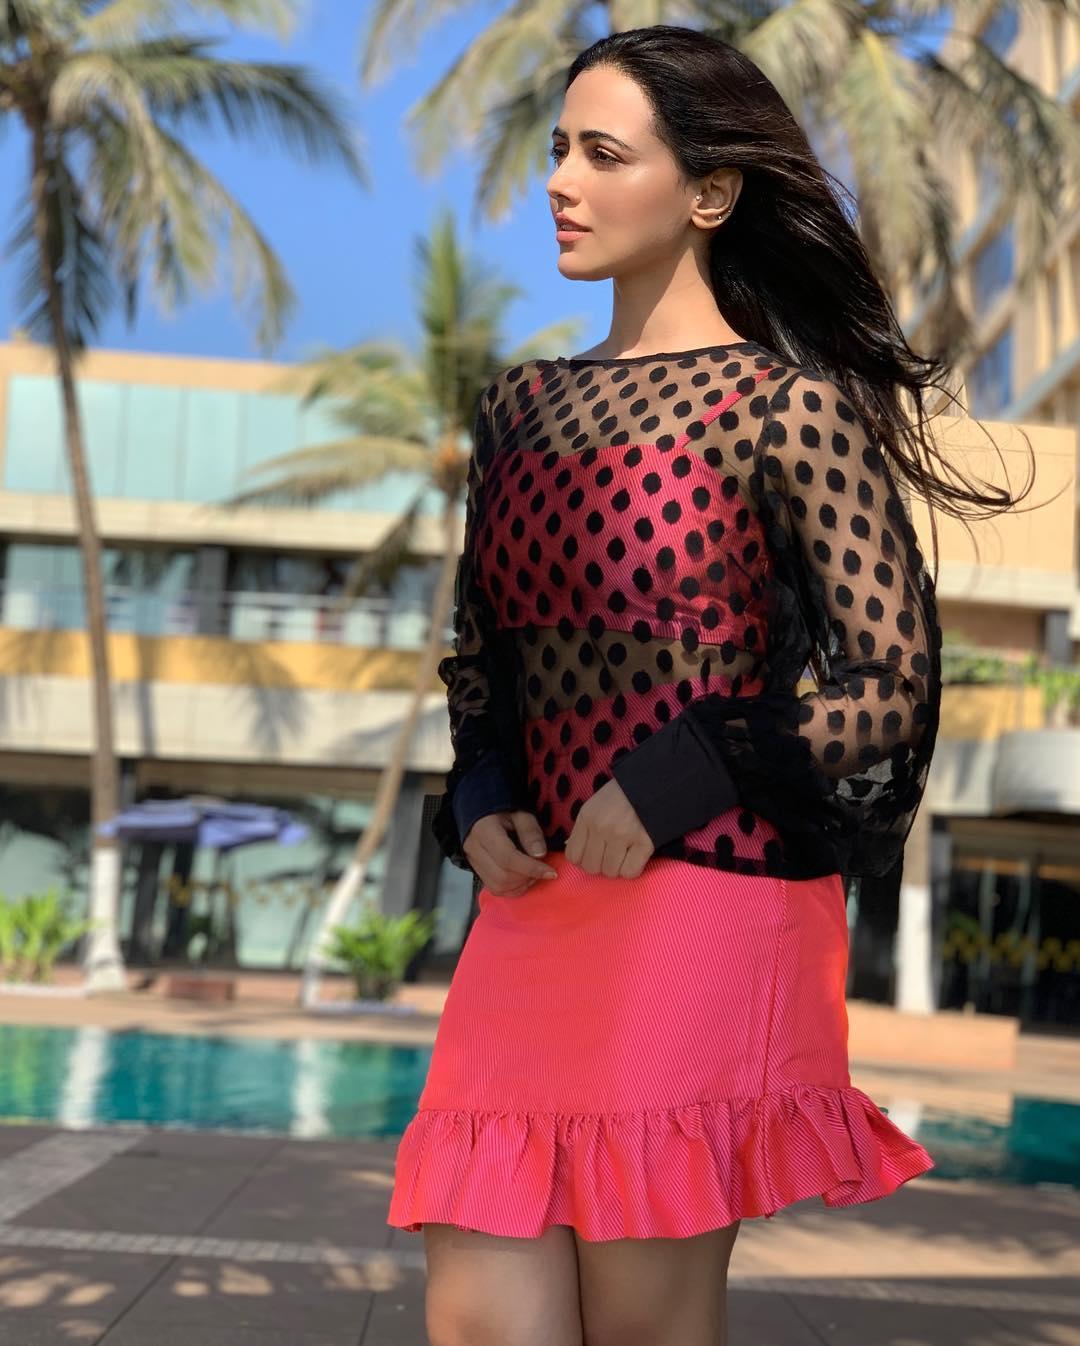 sana khaan bollywood actress 67